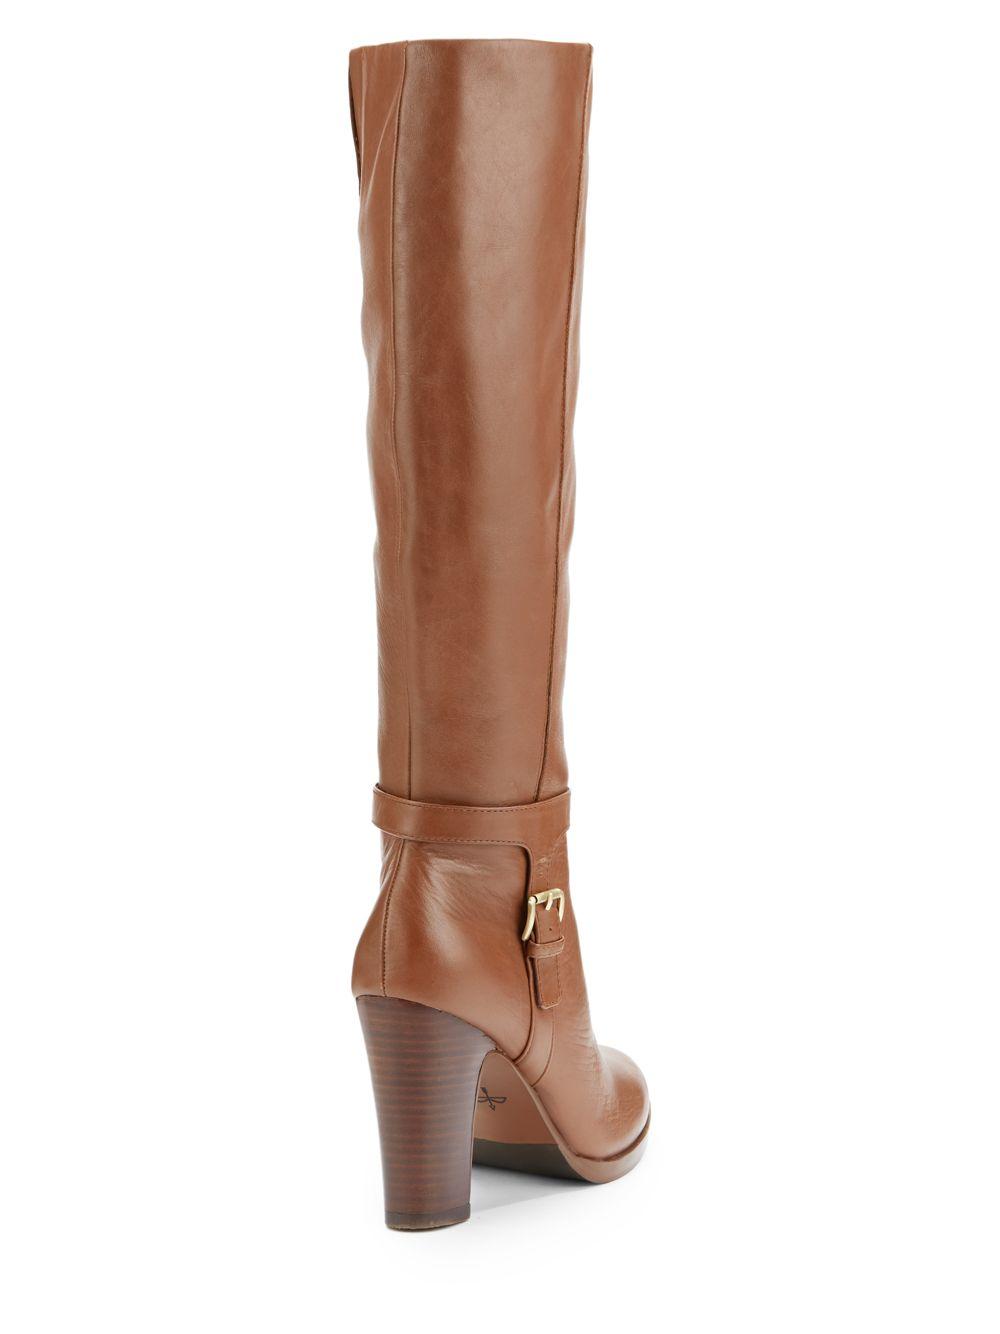 Pour La Victoire Leather Shoes